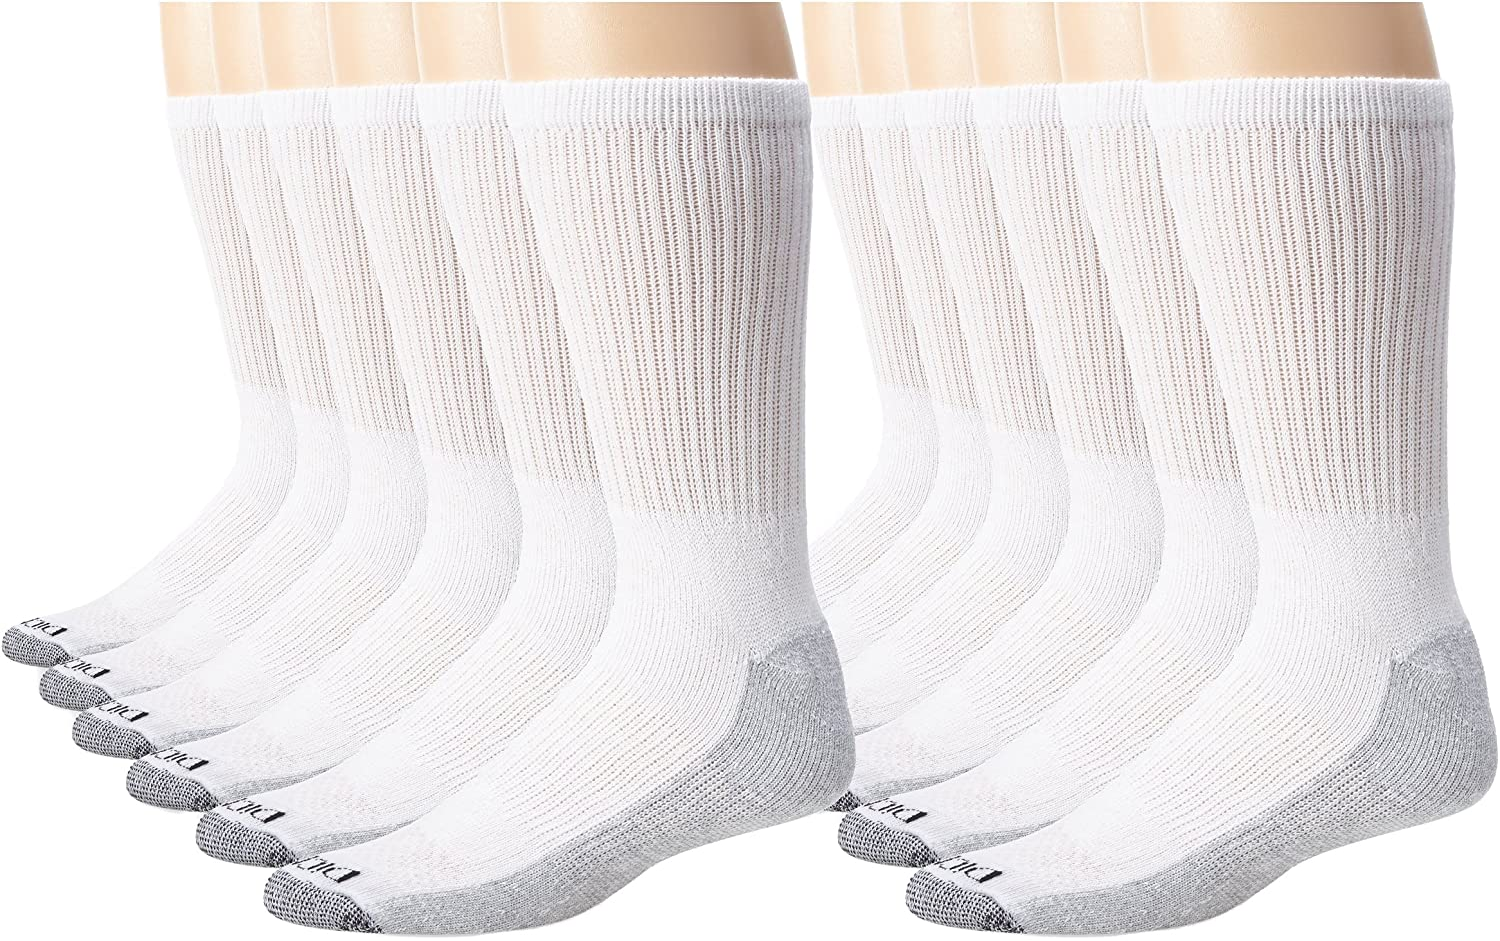 Dickies Men's Dri-Tech Comfort Crew Sock